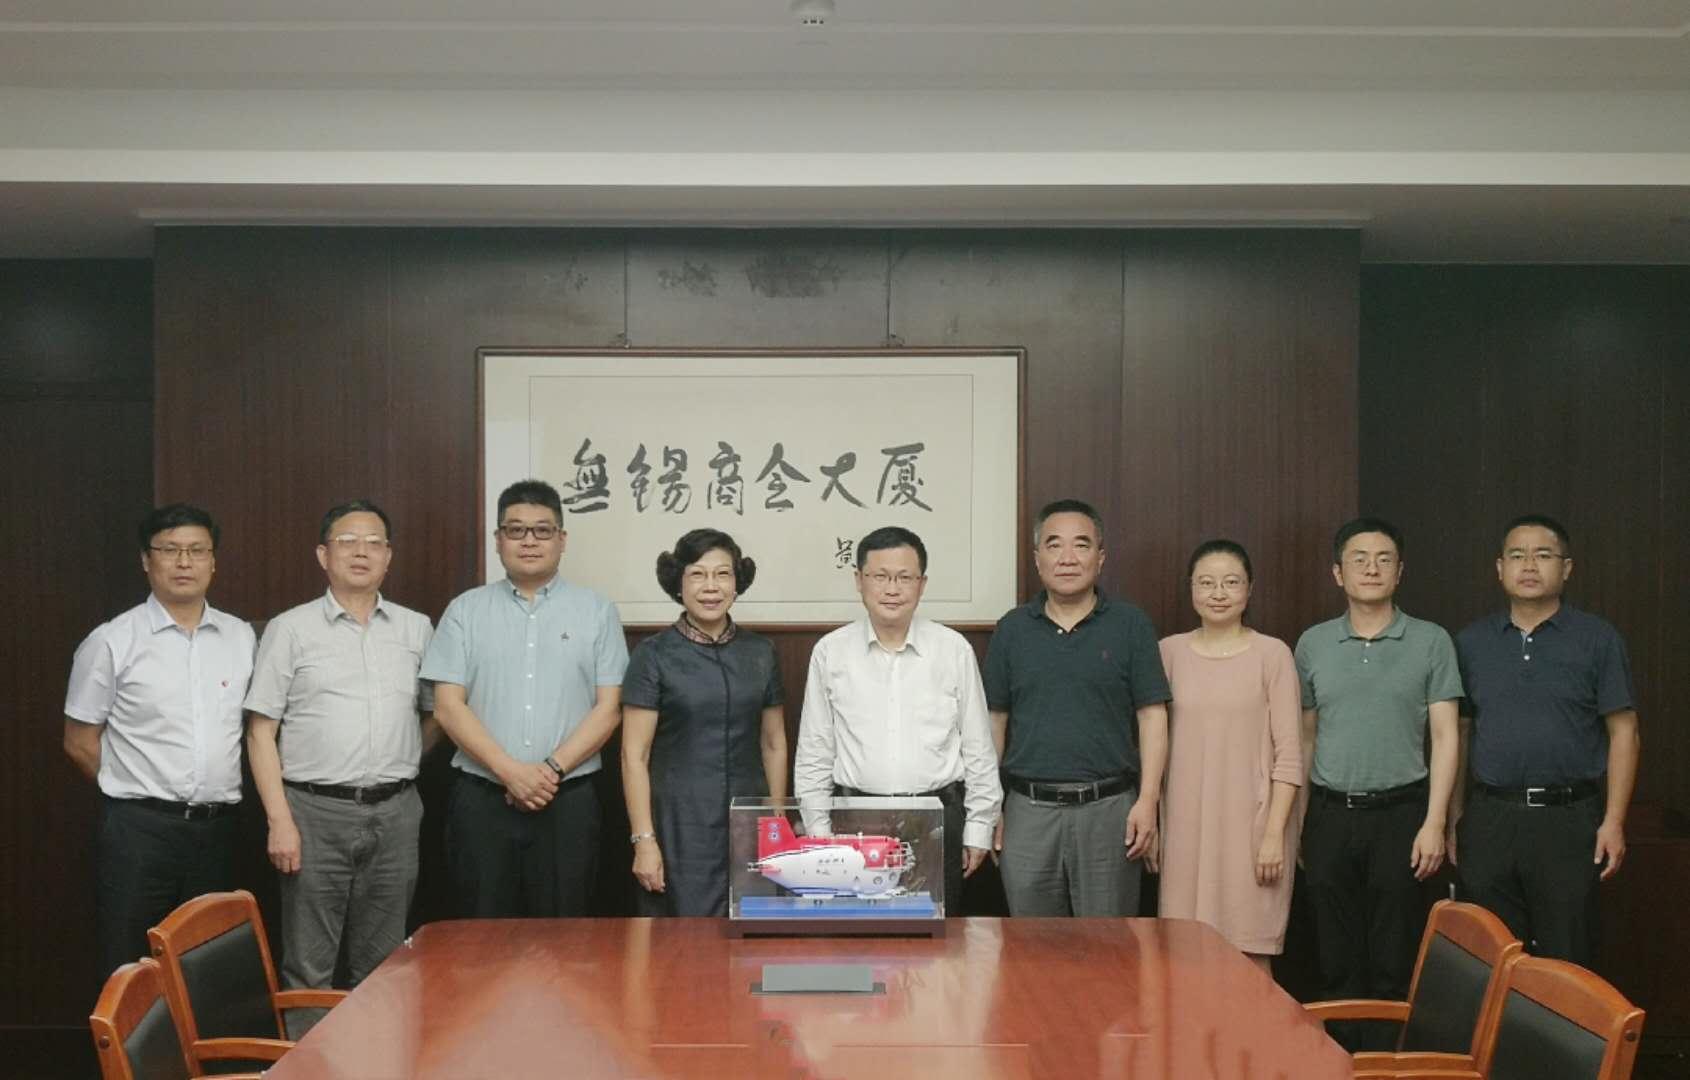 中国船舶集团有限公司第七O二研究所何春荣所长一行莅临我会考察